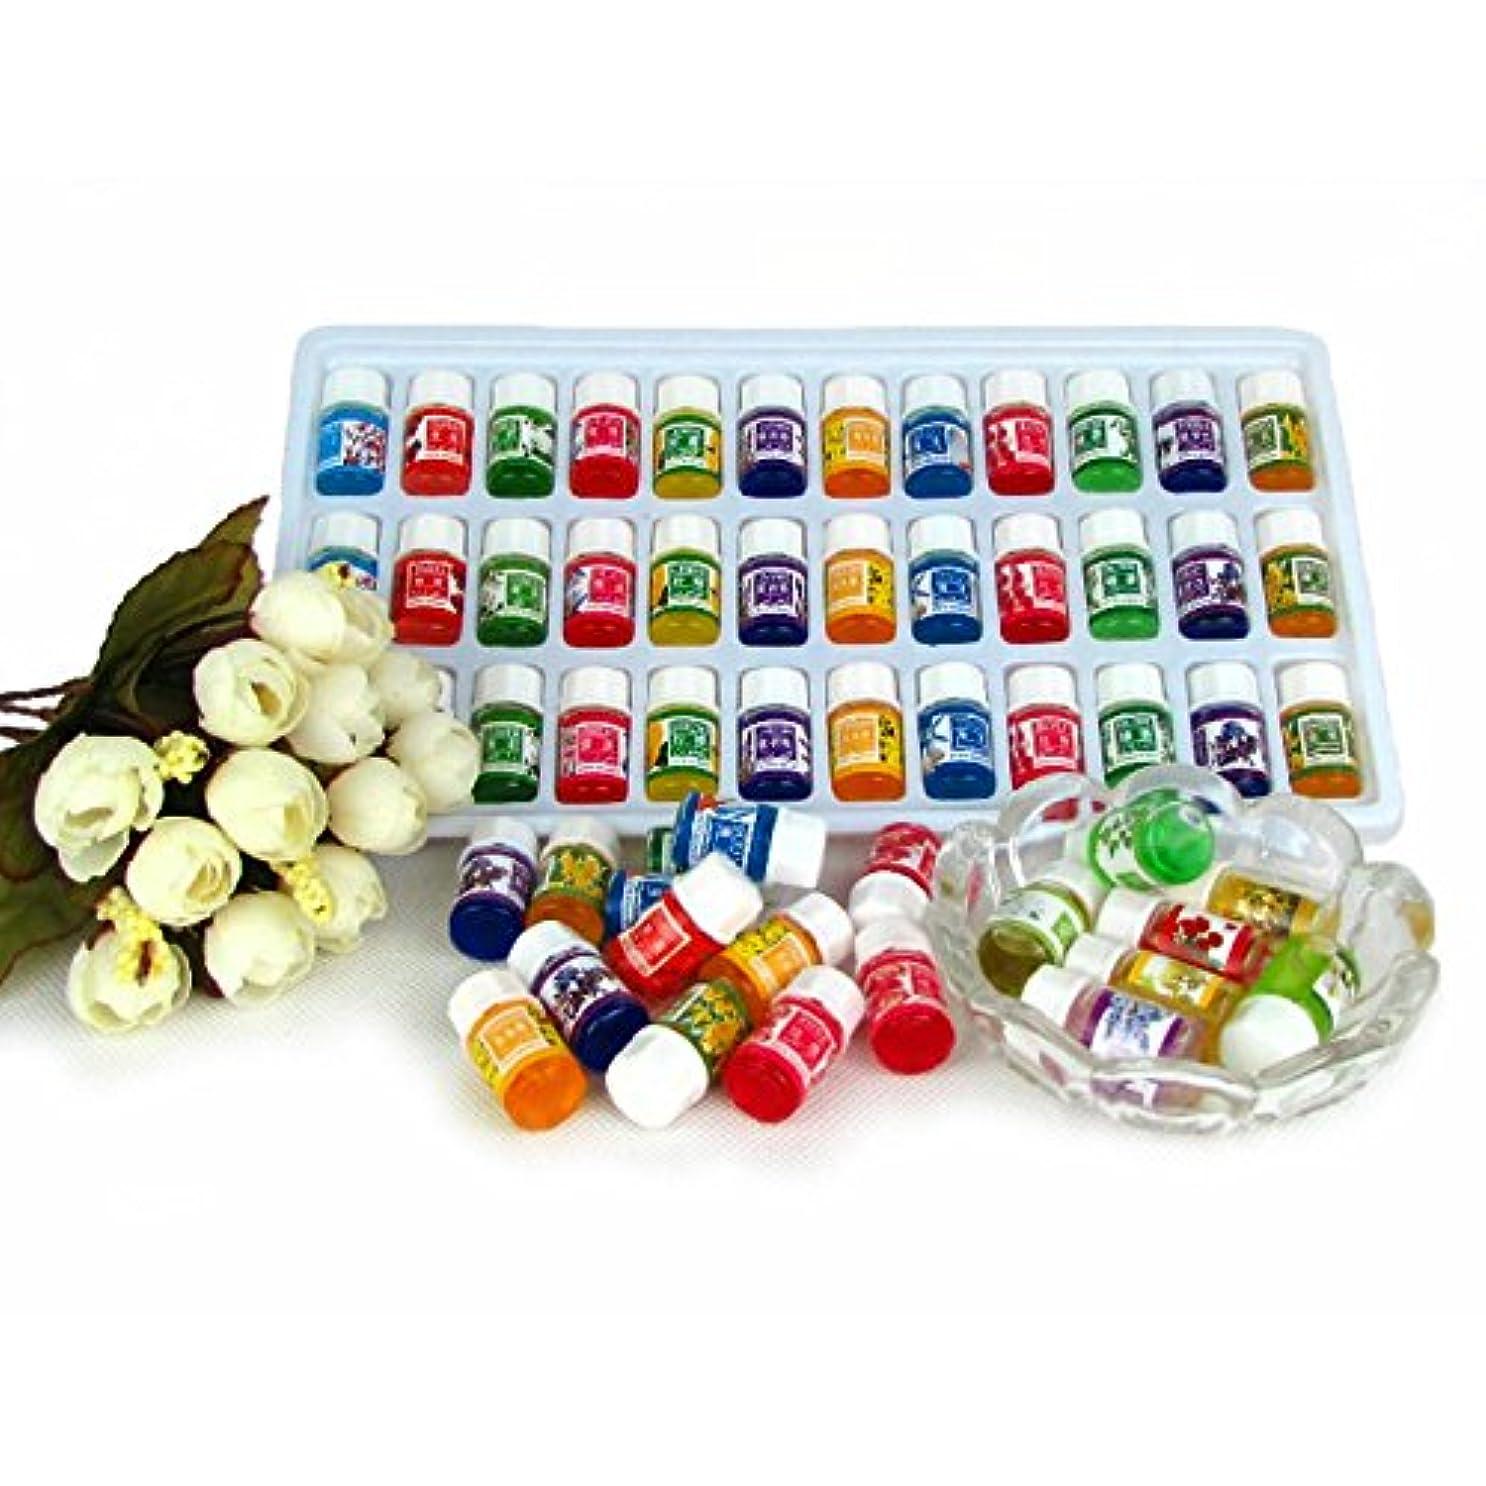 印象的ワイプコピーHongch ピュアラベンダーエッセンシャルオイル 毎日パックセット ナチュラル36pcs / lot 水溶性 12種類の香り 毎日